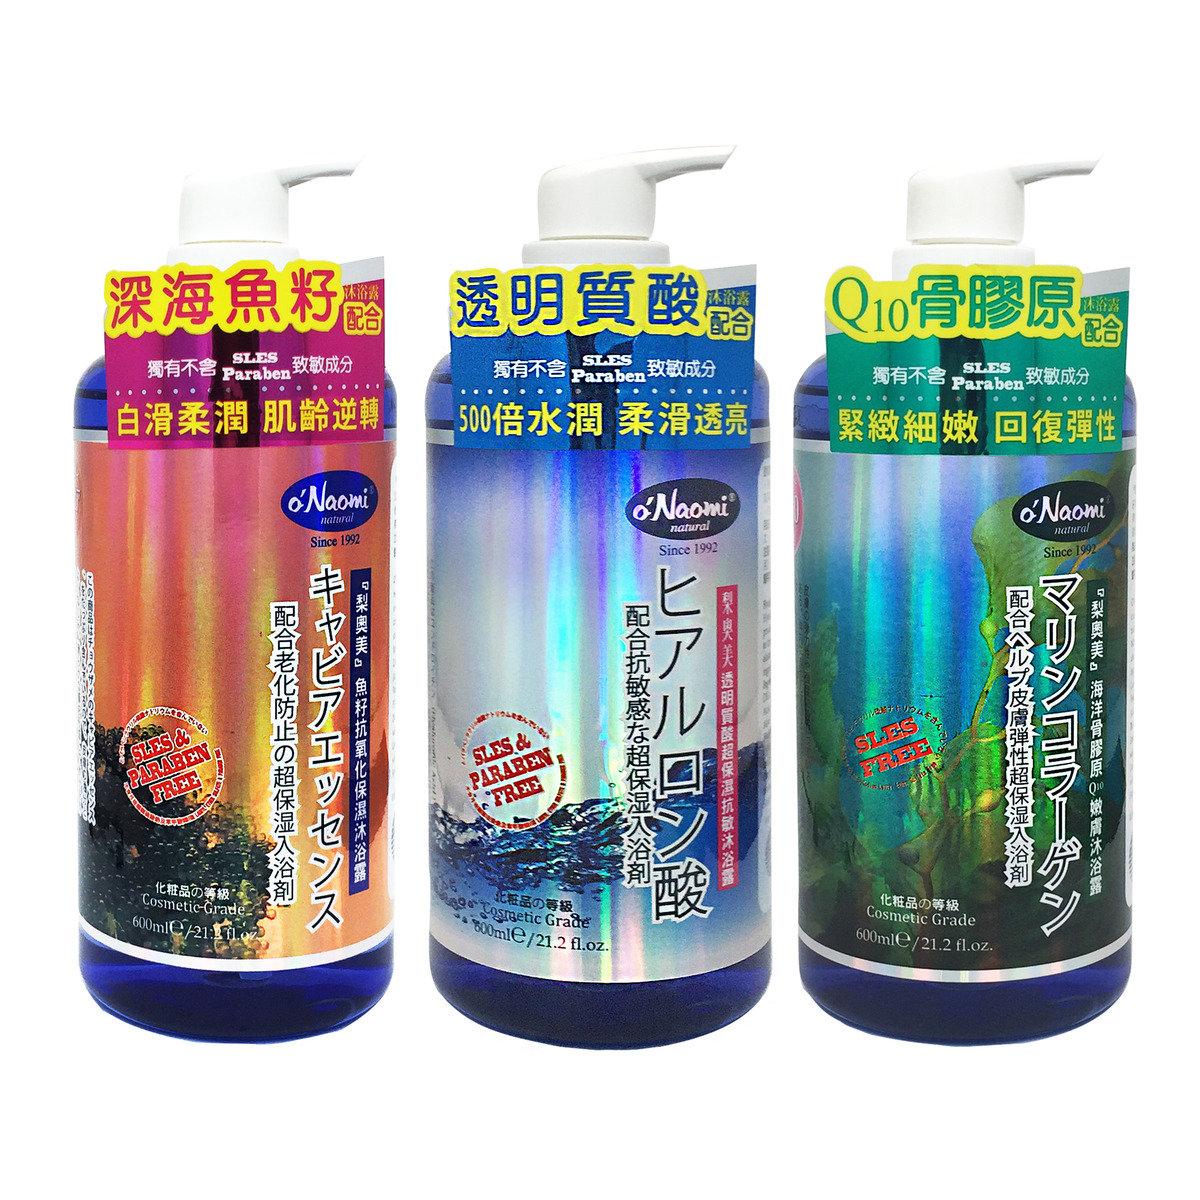 魚籽保濕沐浴露600毫升 1支+透明質酸保濕沐浴露600毫升 1支+骨膠原Q10沐浴露600毫升 1支